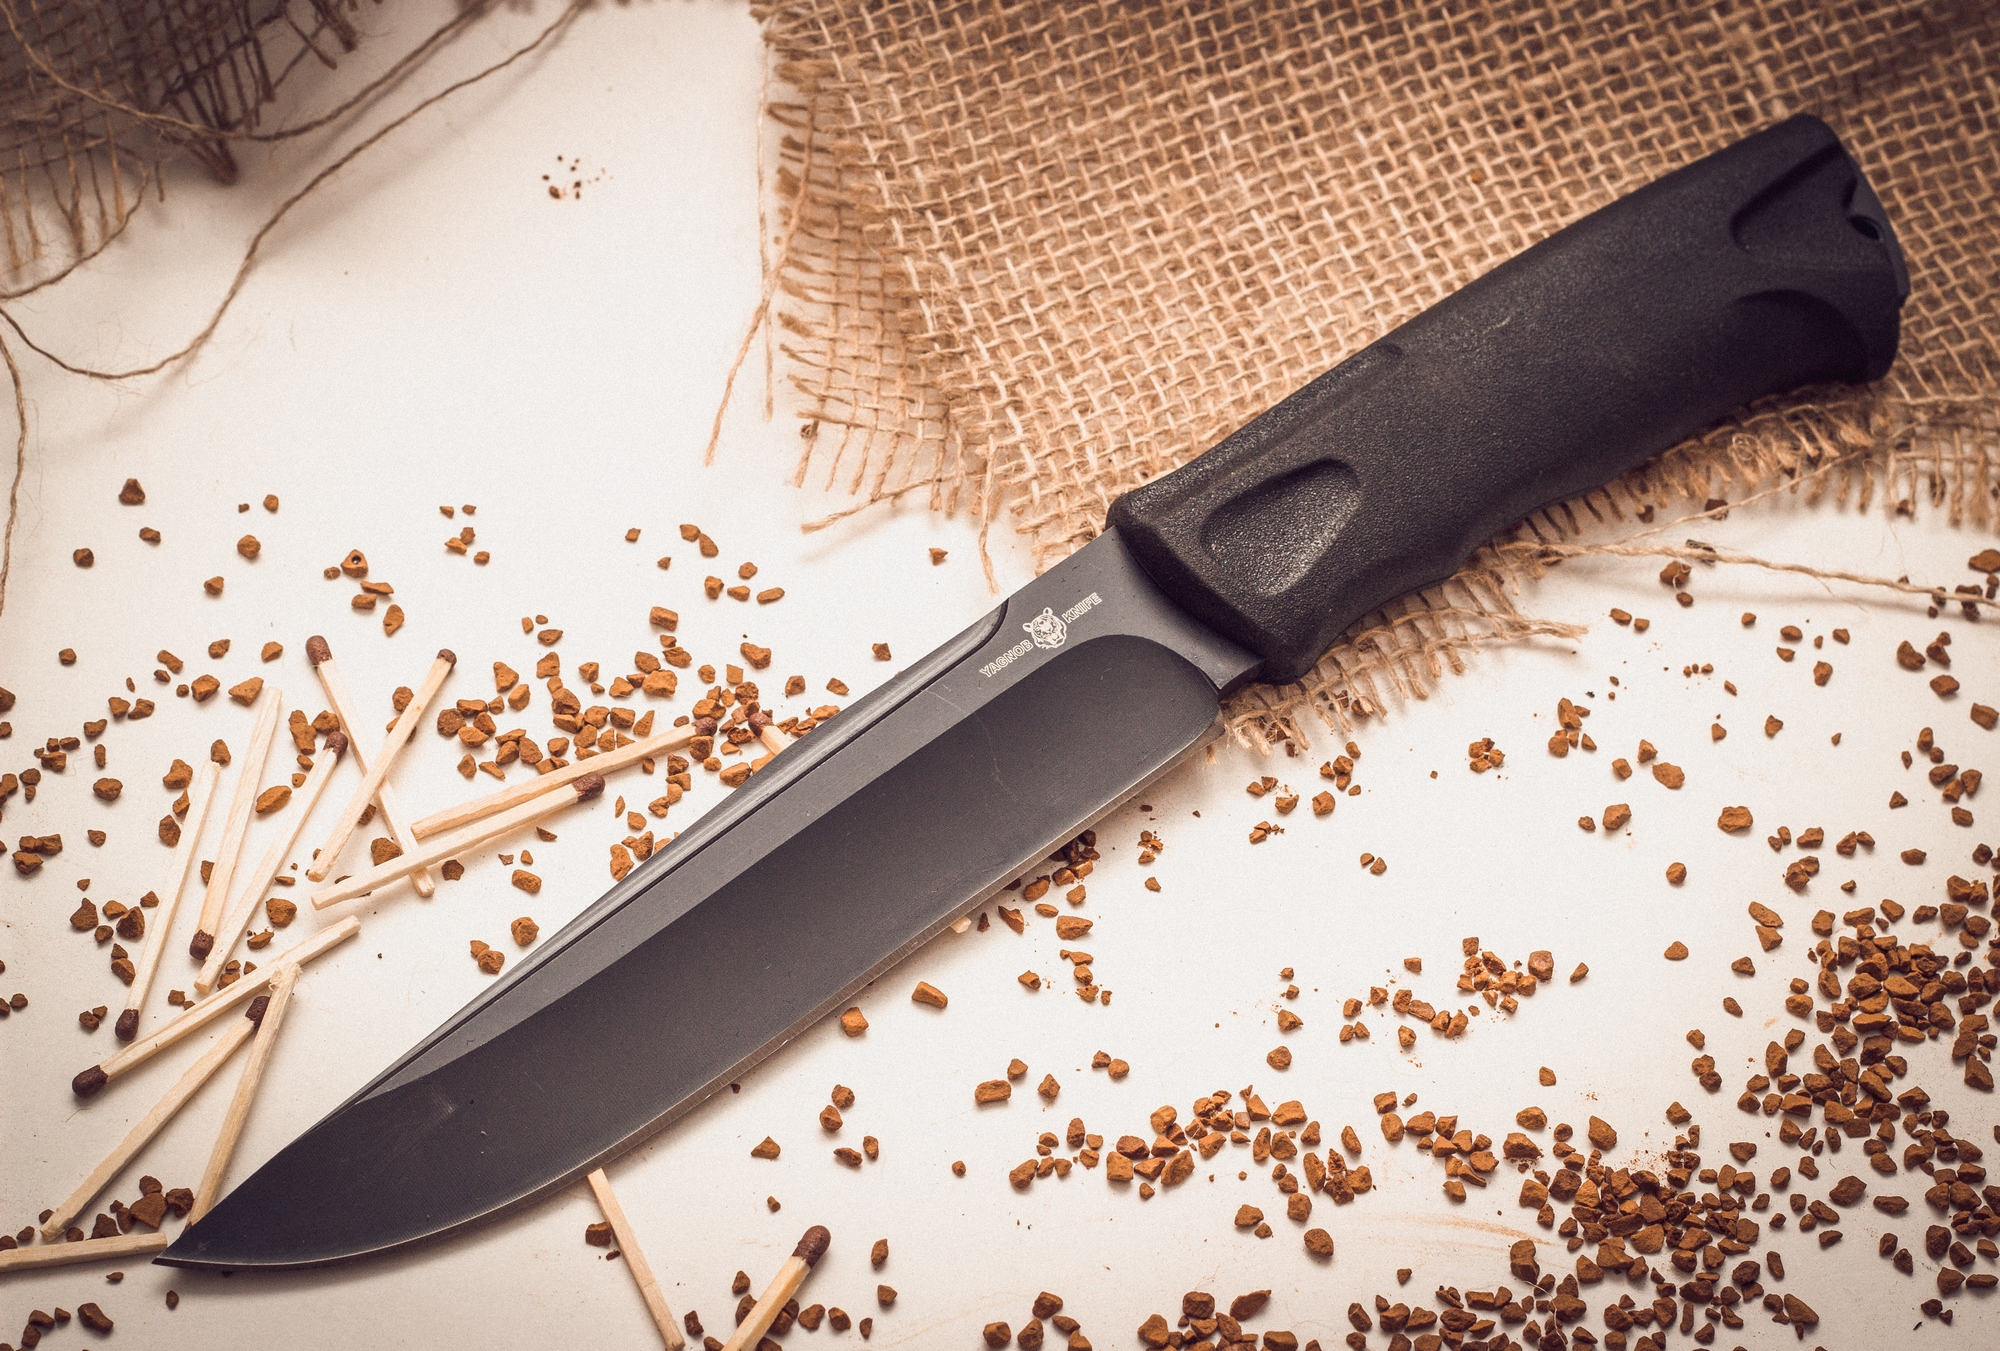 Тактический нож Yagnob, набедренныйТактические ножи<br>Нож Yagnob YG271 отлично подходит для использования на охоте или во время рыбалки. Он имеет прочную и очень удобную рукоятку. Ножны предохраняют от повреждений клинок и одновременно обеспечивают безопасное ношение ножа.<br>